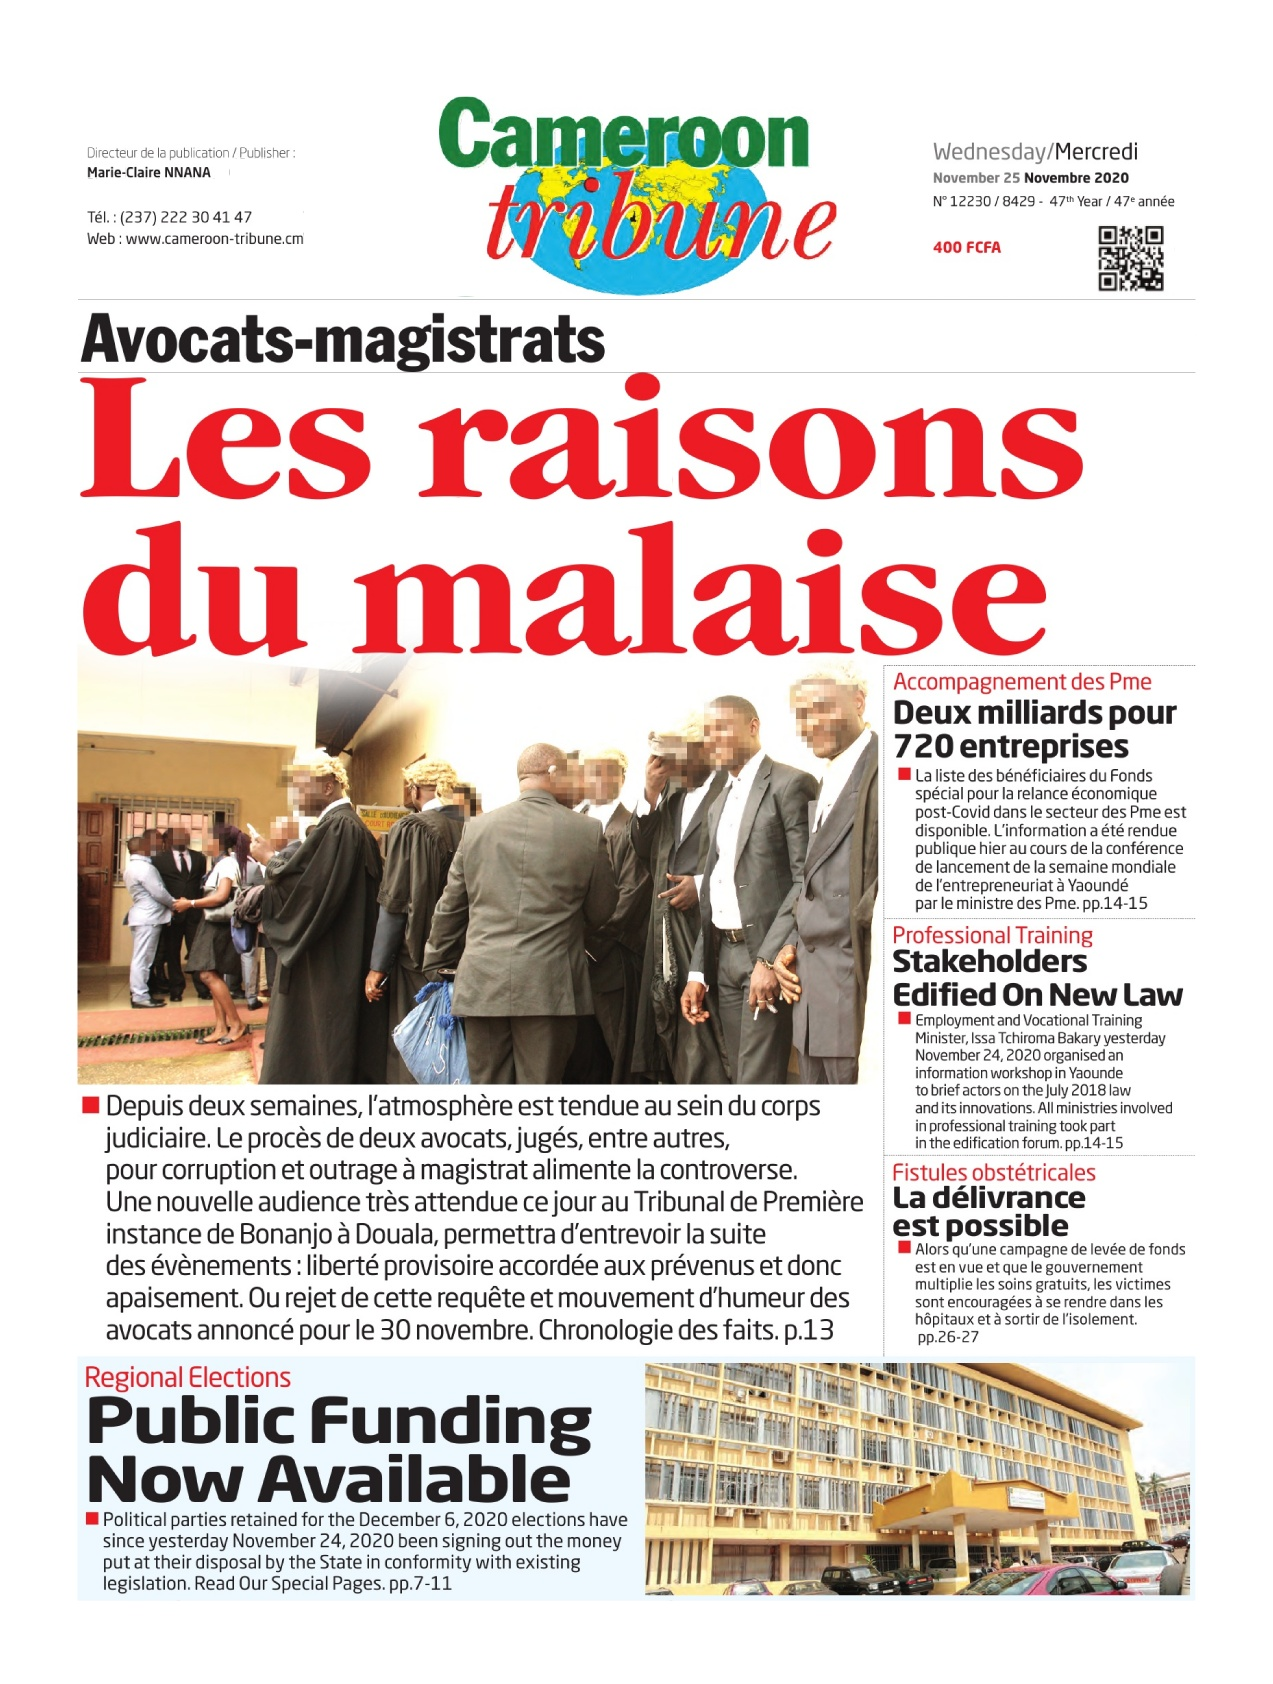 Cameroon Tribune - 25/11/2020